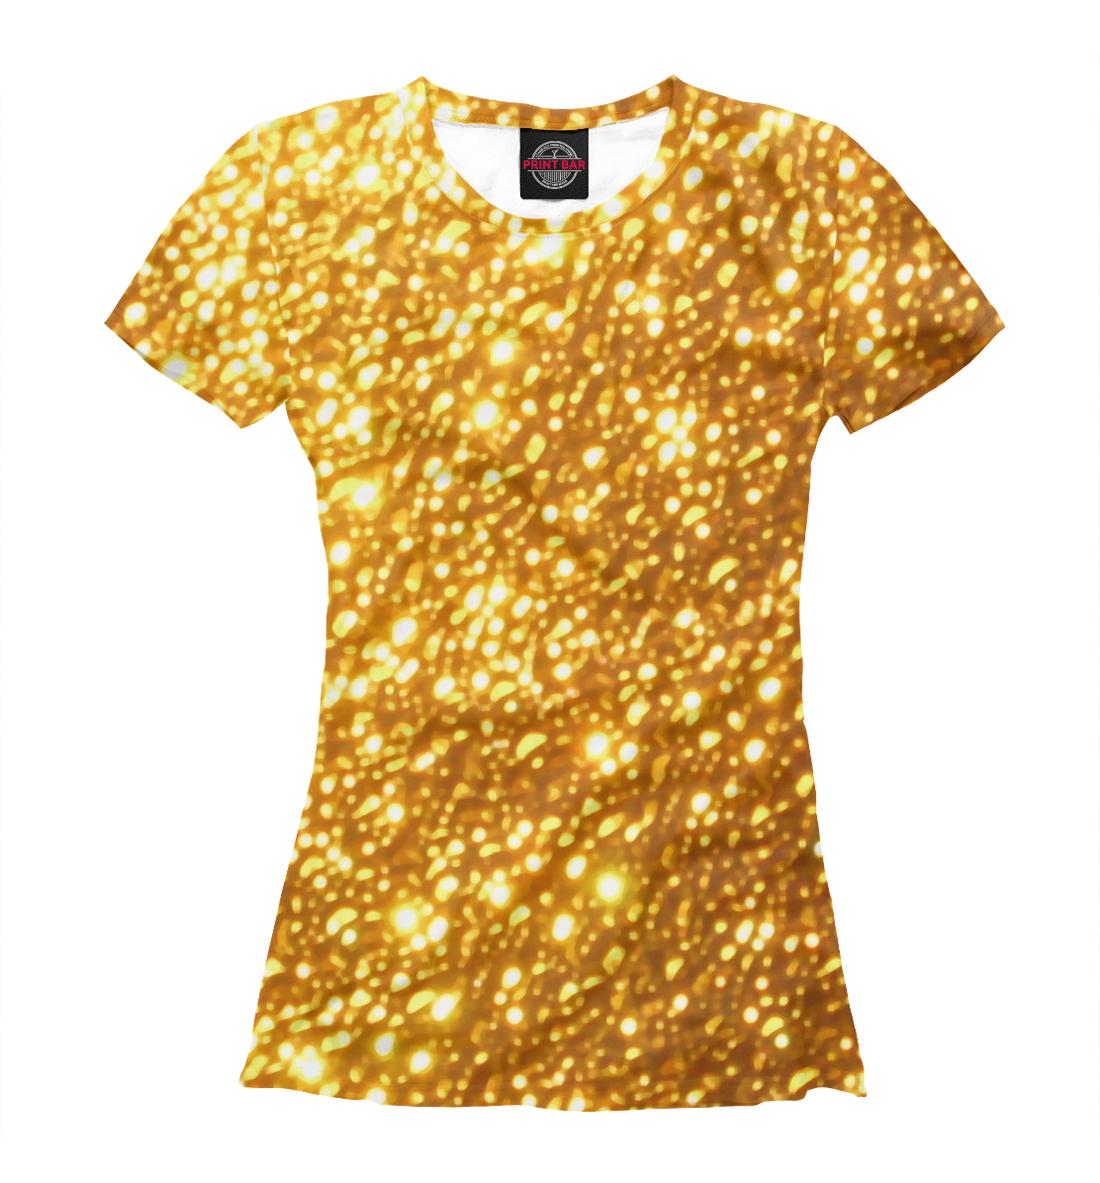 Купить Золото, Printbar, Футболки, APD-995625-fut-1